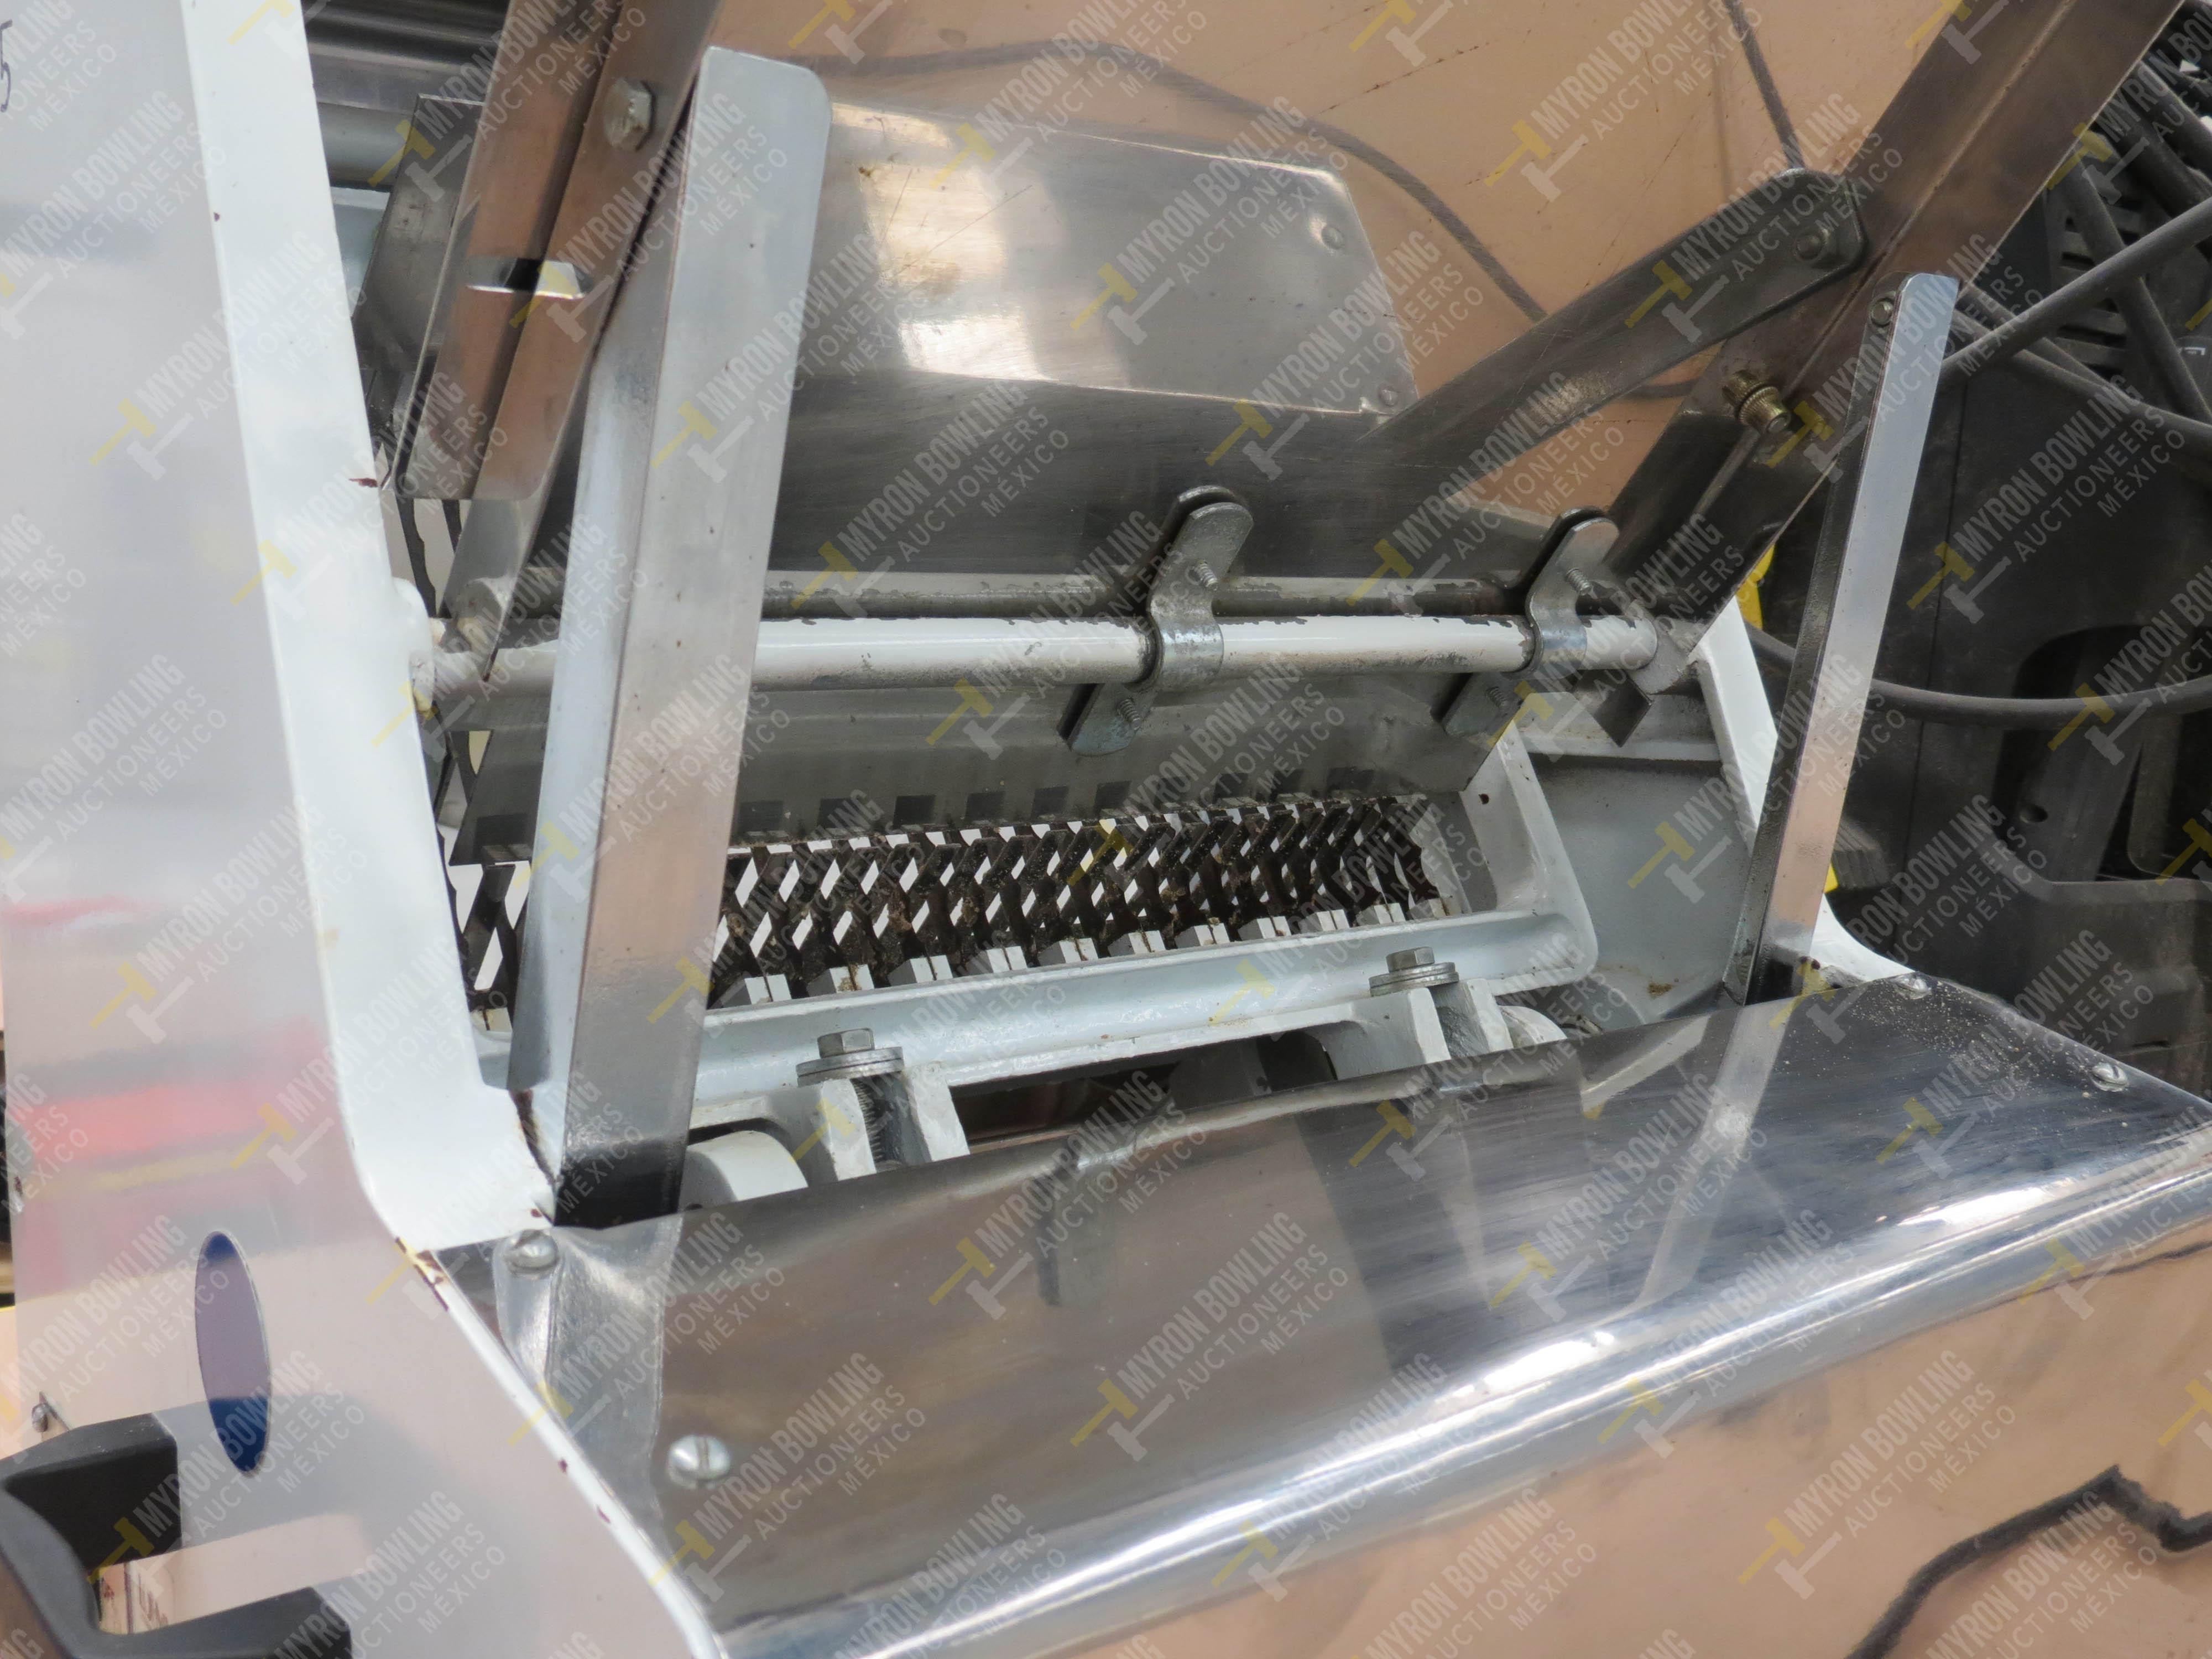 Rebanadora de pan de caja marca Inbest, Modelo 85081512, No. de Serie 639387, año 2006 - Image 5 of 5